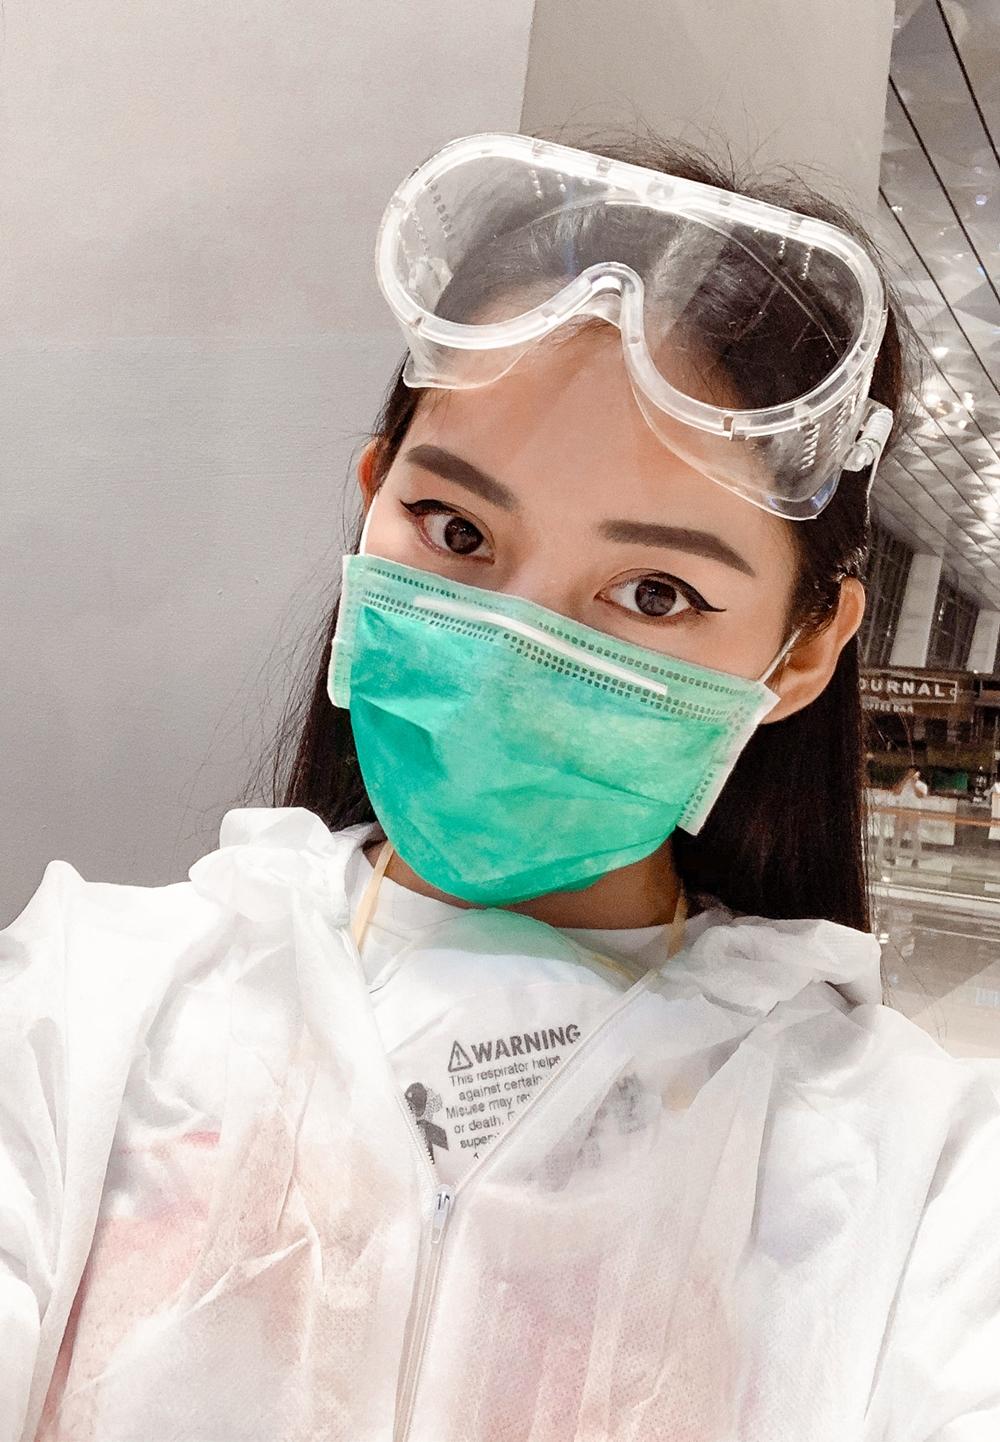 Mialn Phạm vui vẻ không quạu dù mắc kẹt ở Indonesia 10 tháng, bị cách ly 28 ngày ở Việt Nam